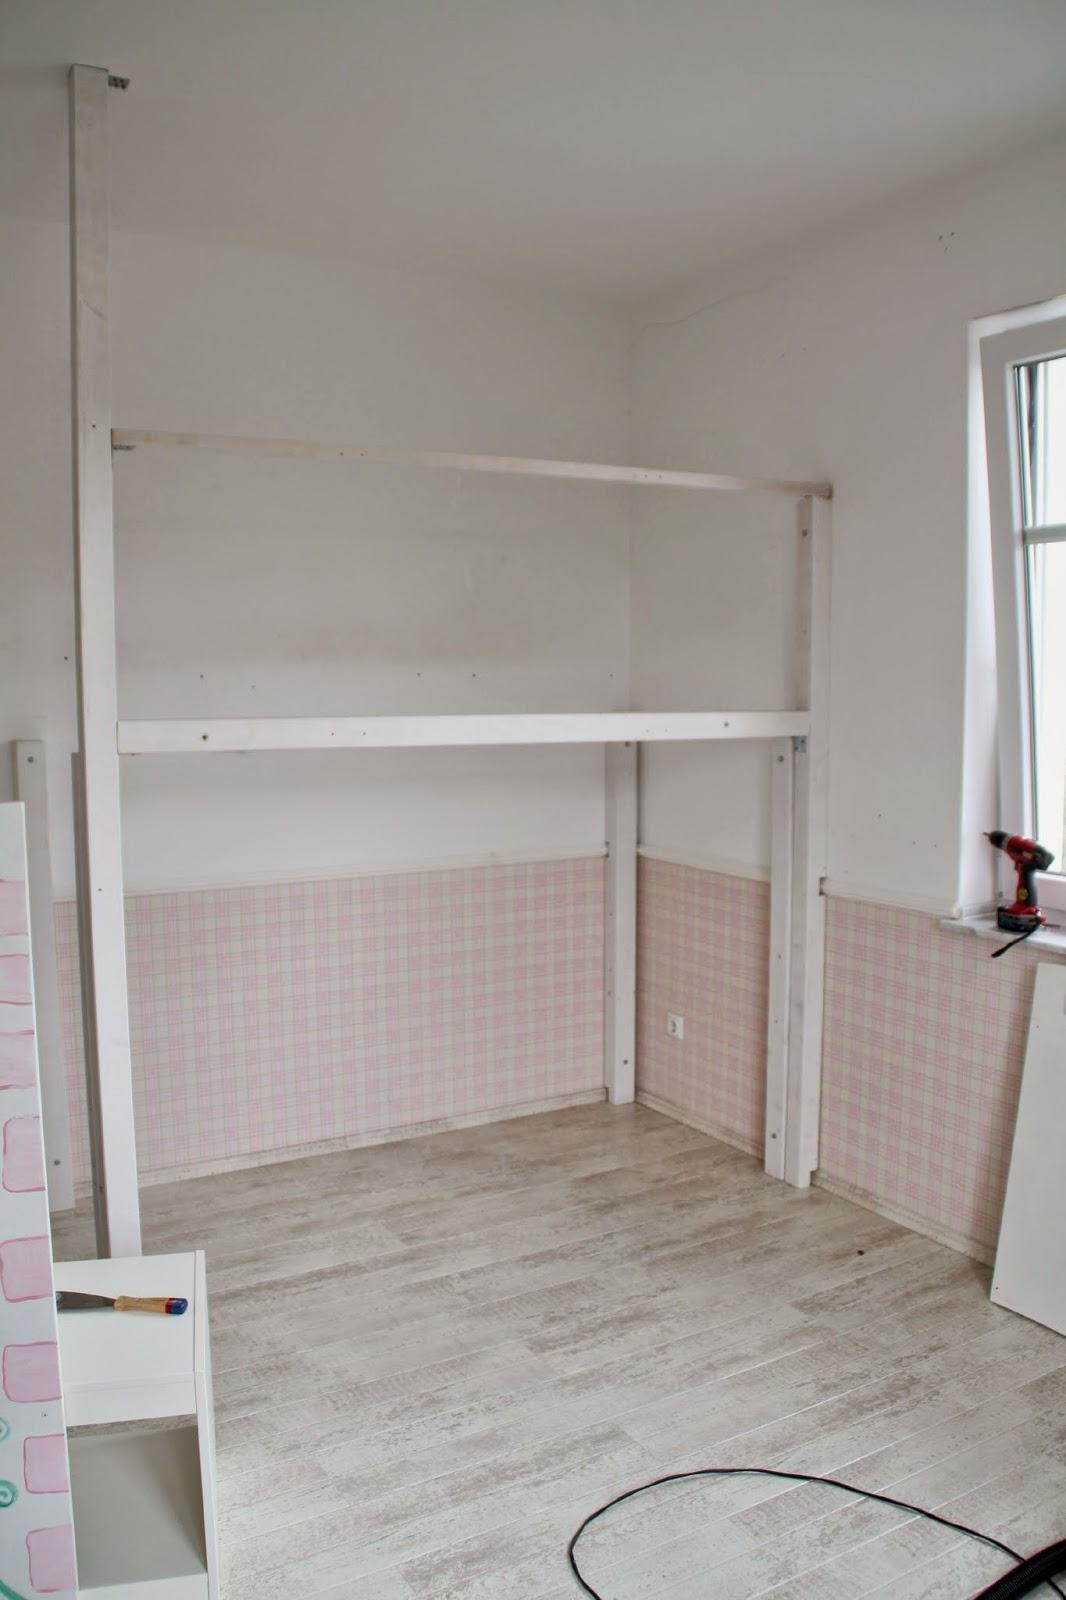 Lady Stil: DIY Bettenbau Klappe die Dritte